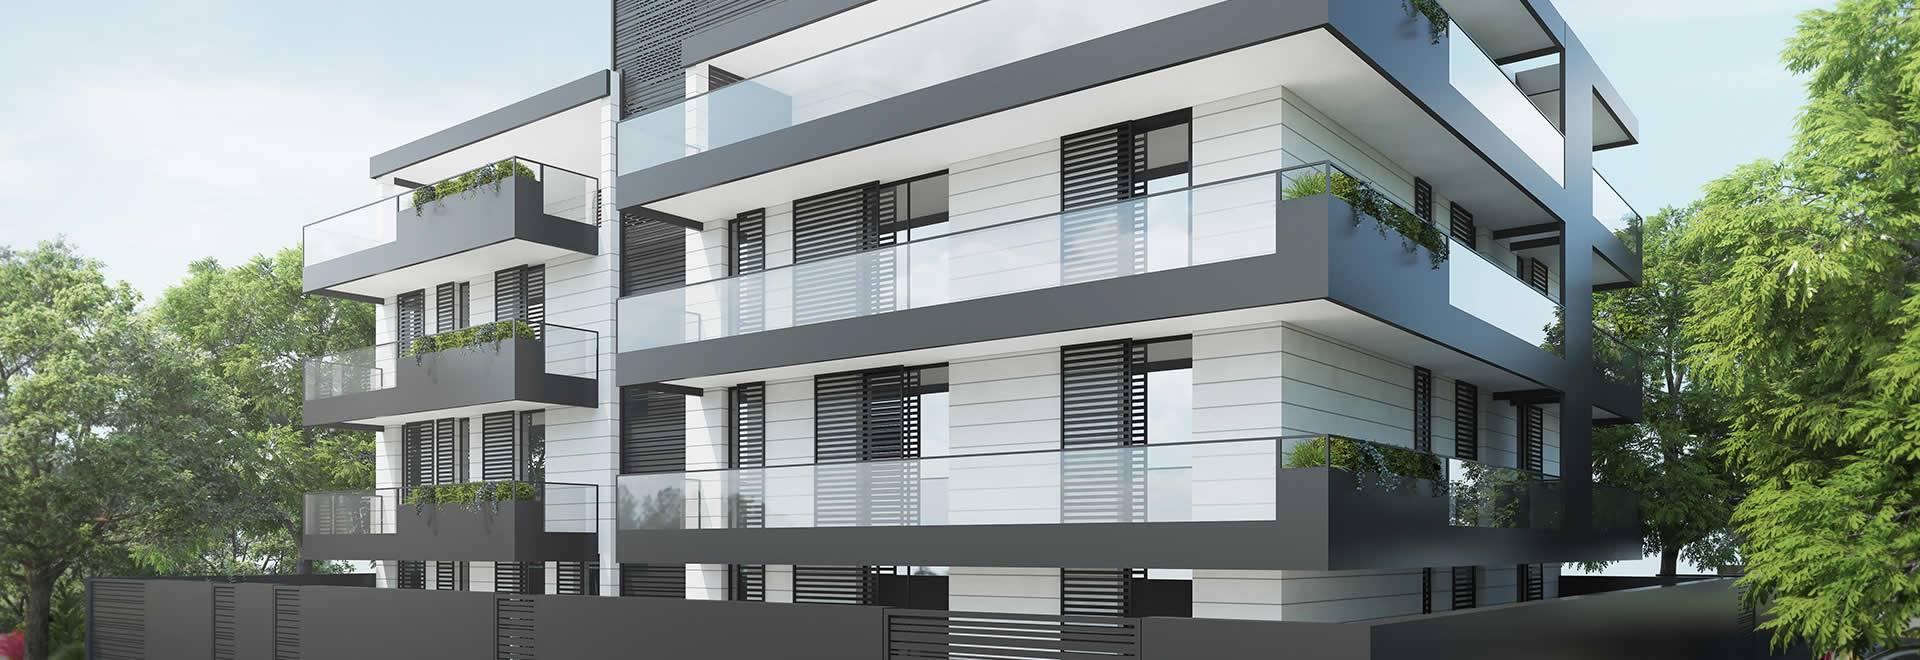 Terreno Edificabile Residenziale in vendita a Civitavecchia, 9999 locali, zona Località: CENTRO, prezzo € 1.450.000 | CambioCasa.it